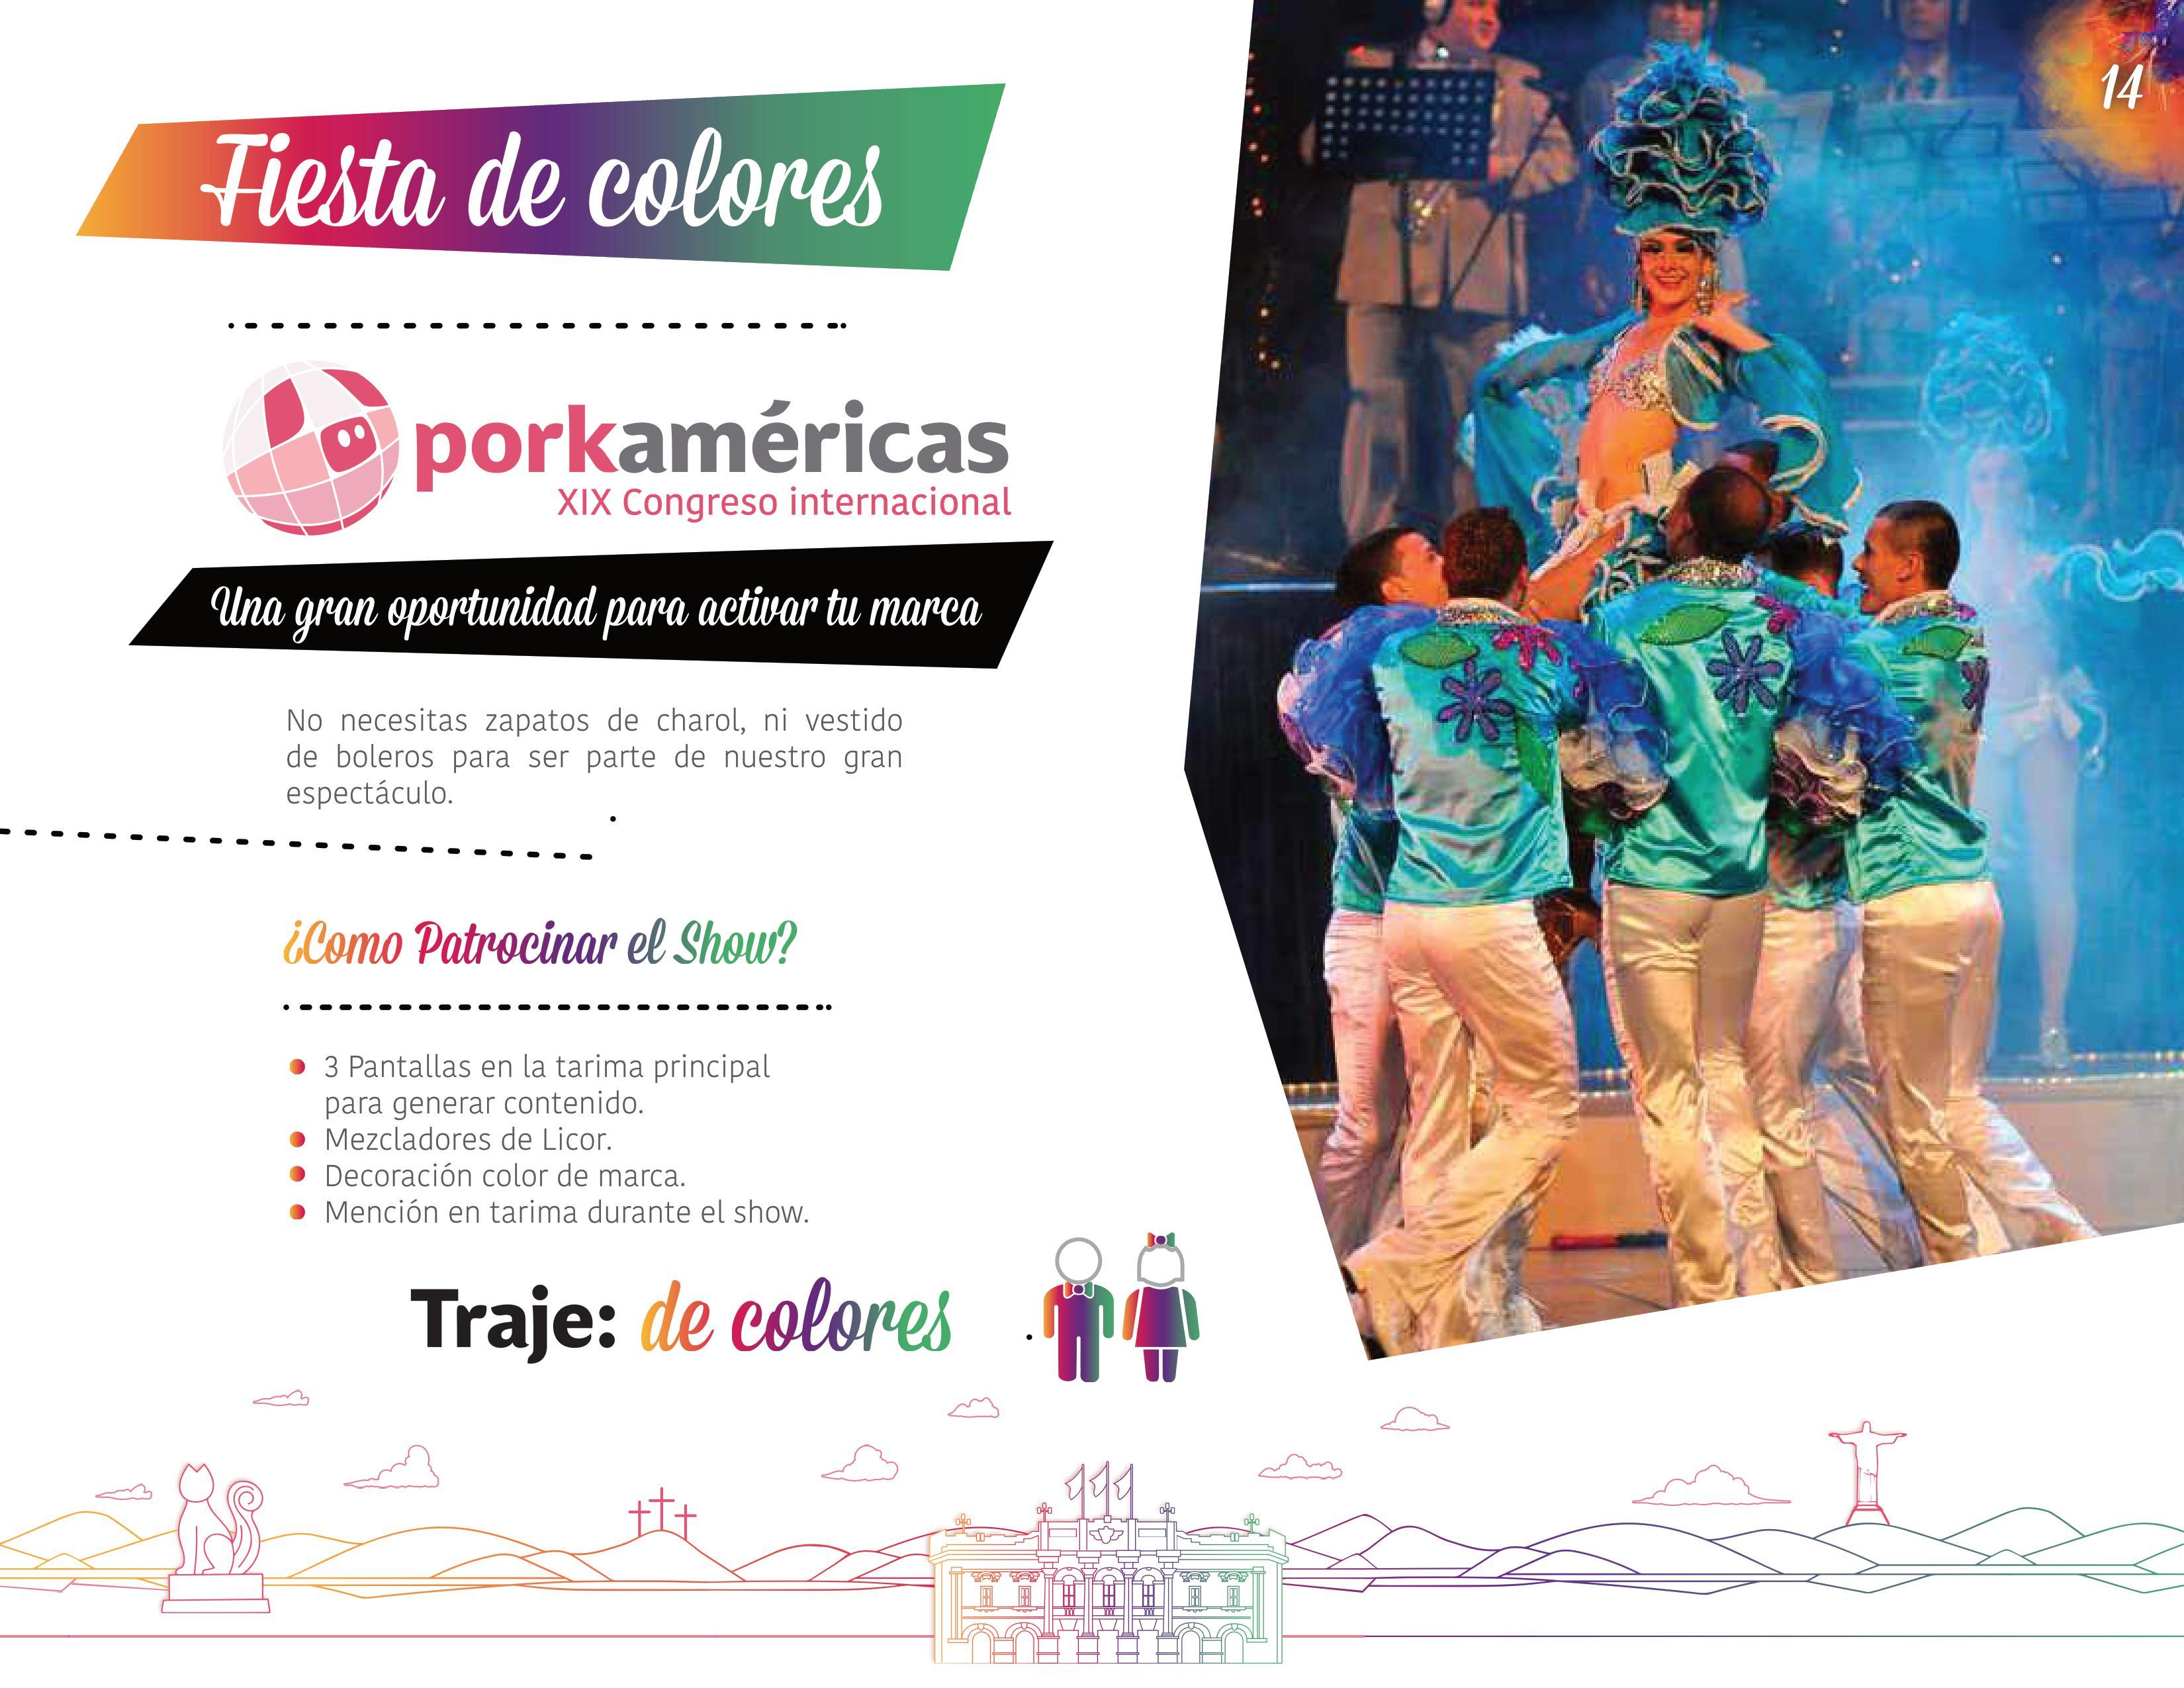 fiesta-colores